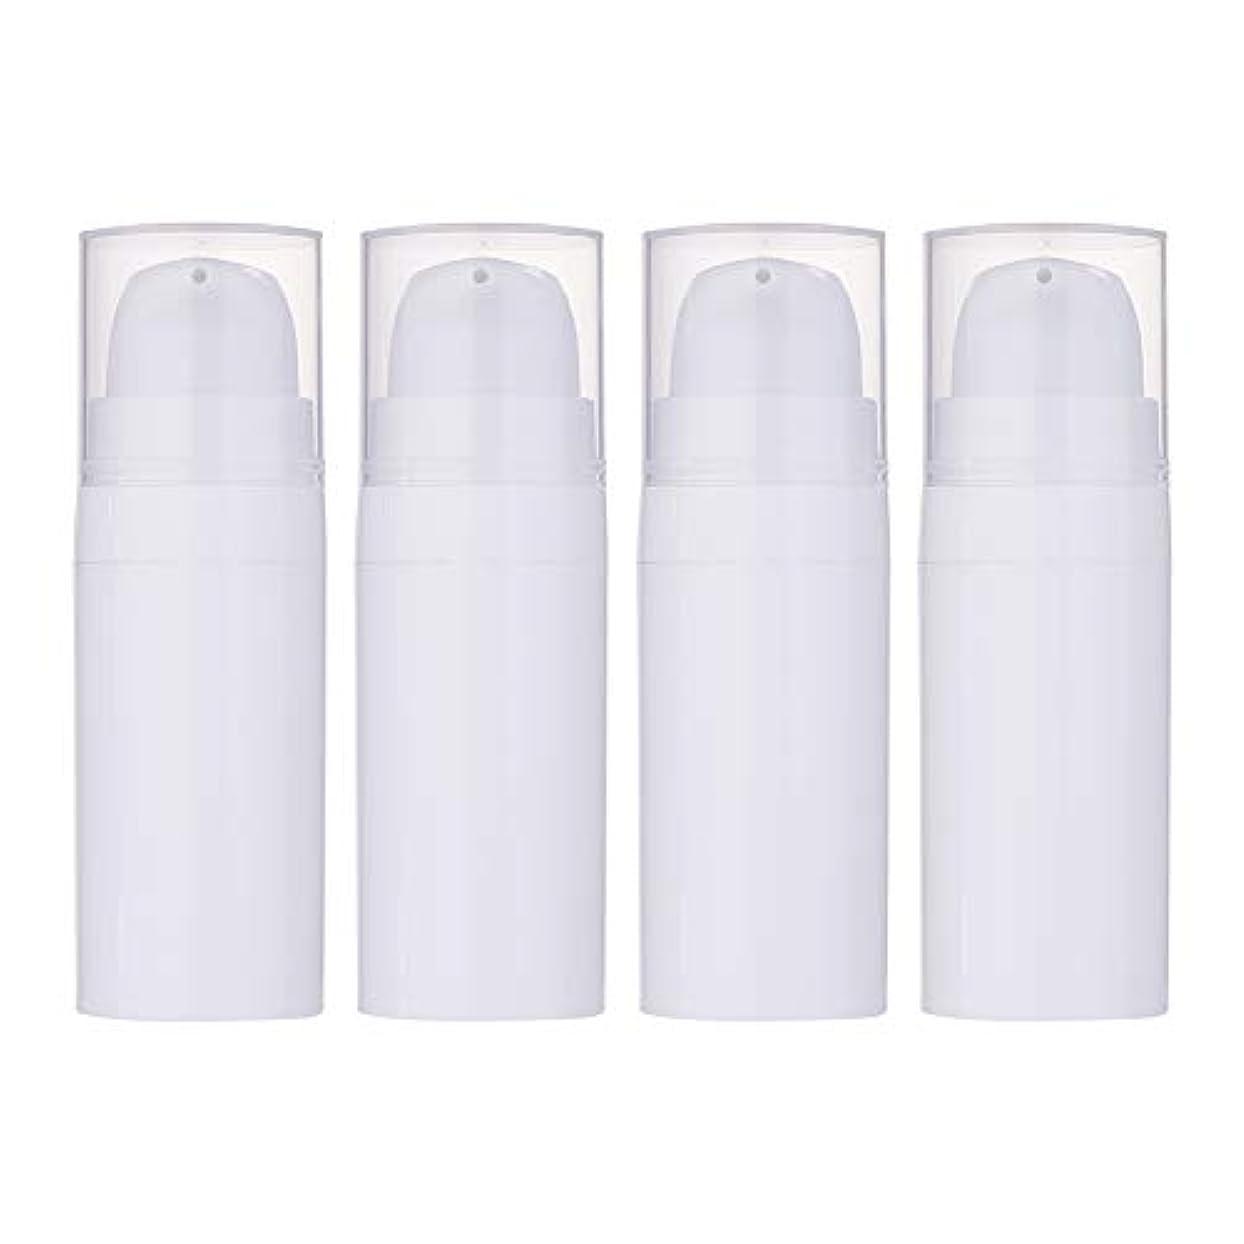 受け入れた同じロケットBENECREAT 10個セット10ml真空ポンプボトル 空ボトル クリーム 化粧水ボトル 化粧品小分けボトル 詰め替えボトル トラベル 白色